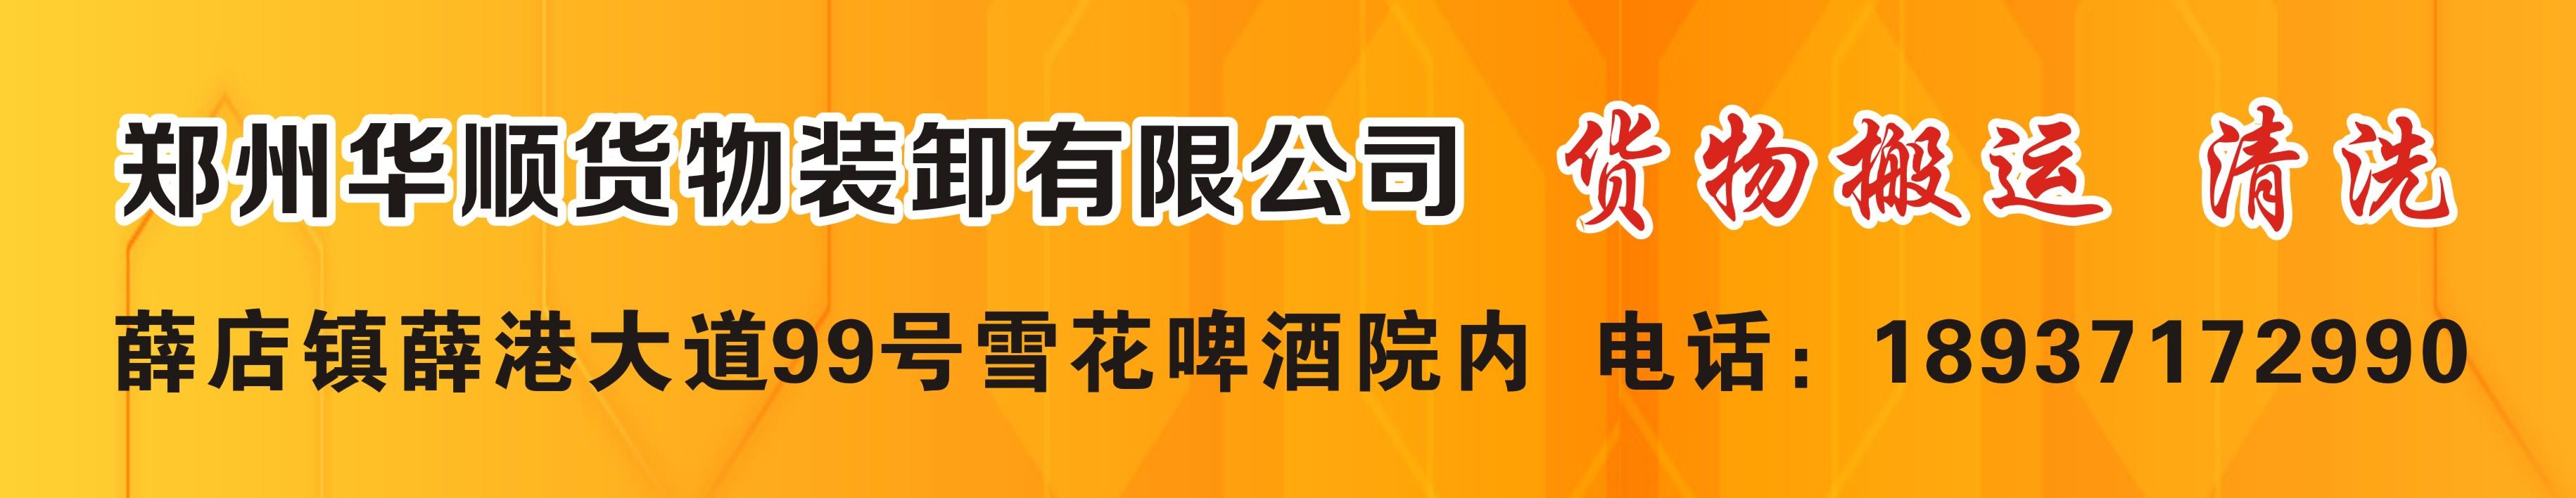 郑州市华顺货物装卸有限公司